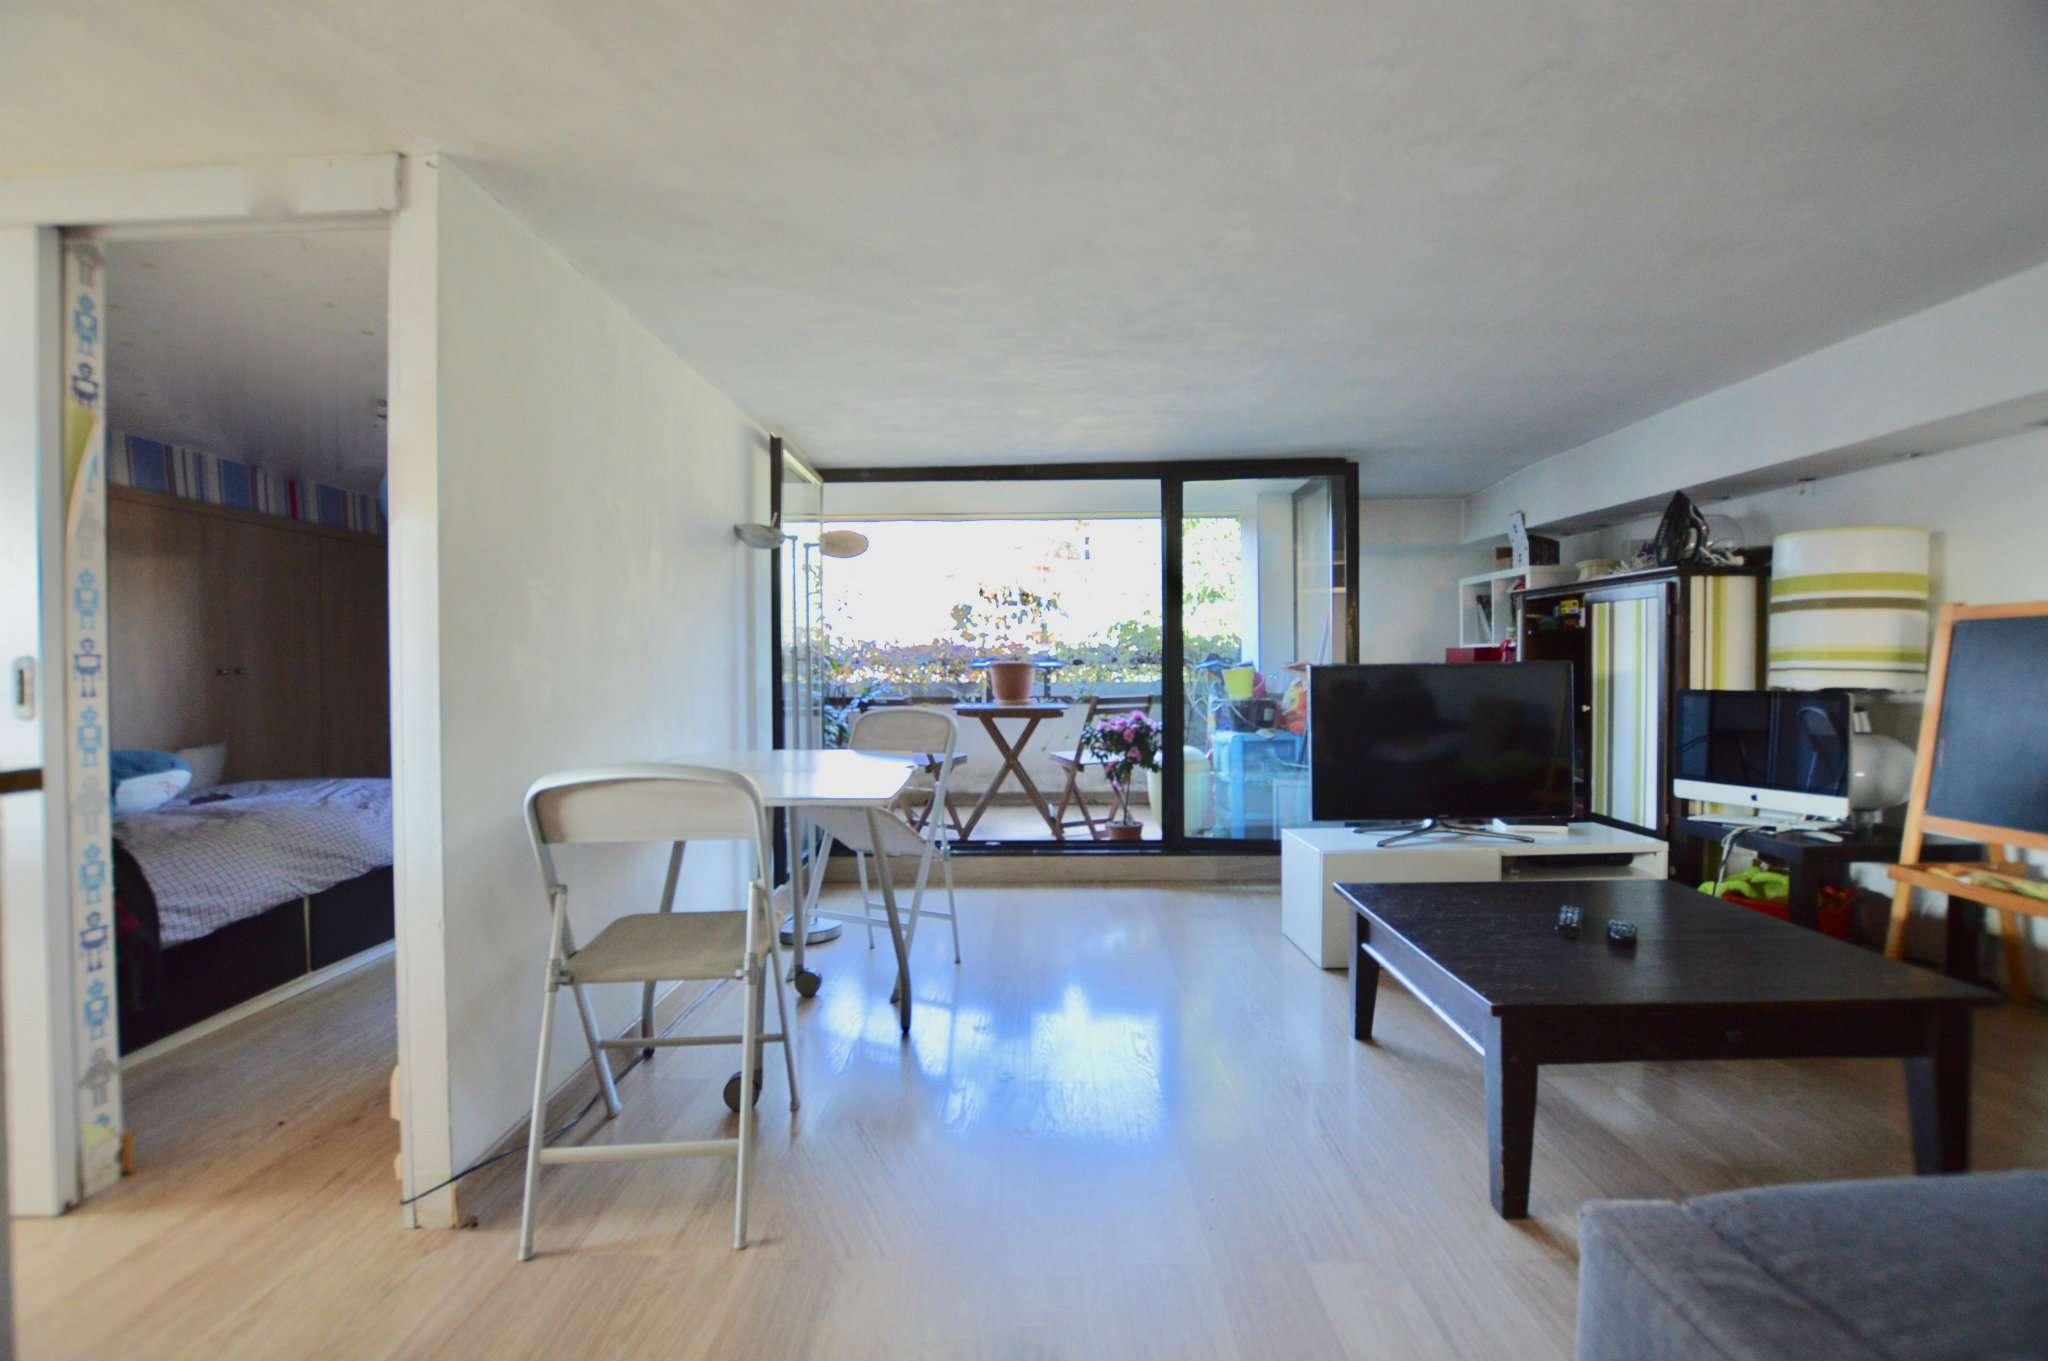 Appartamento in Vendita a Milano 18 Ippodromo / San Siro / Zavattari:  2 locali, 82 mq  - Foto 1